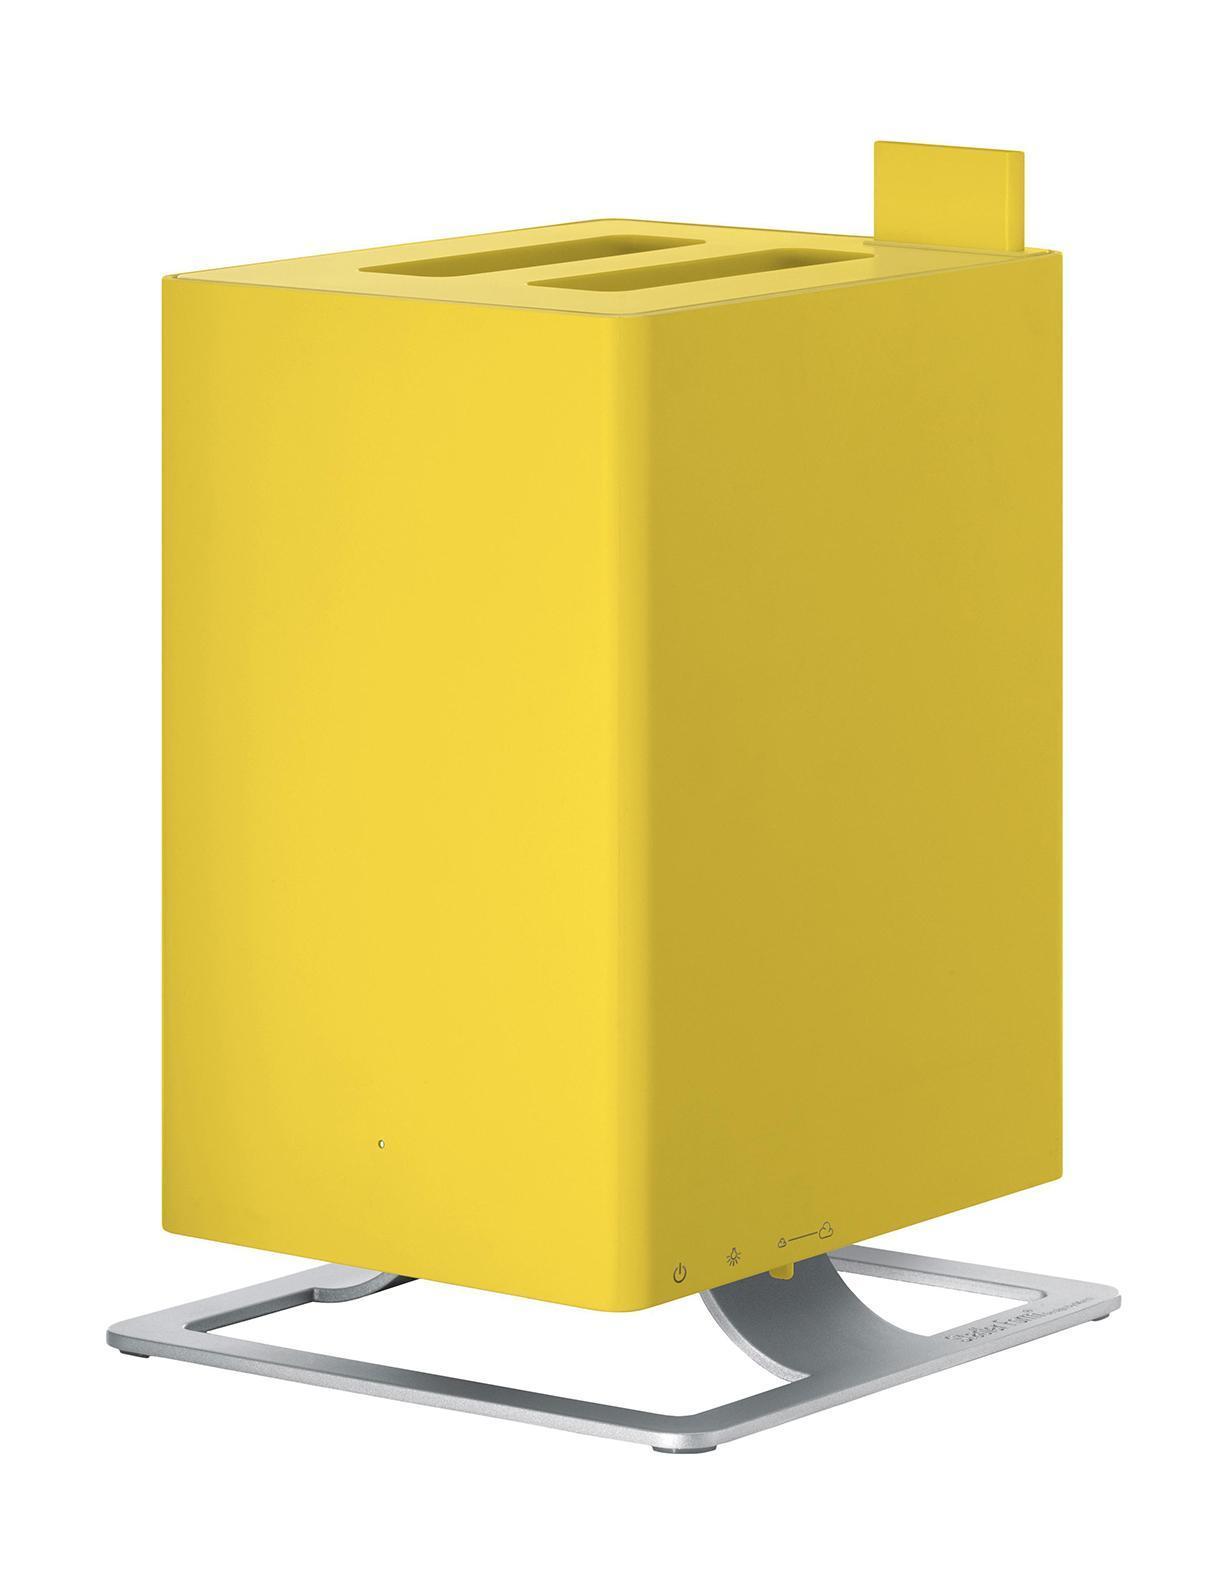 Stadler Form Anton A-005R увлажнитель воздухаA-005RУвлажнитель воздуха - это высокоэффективное устройство, которое обеспечит оптимальный уровень влажности в помещении.